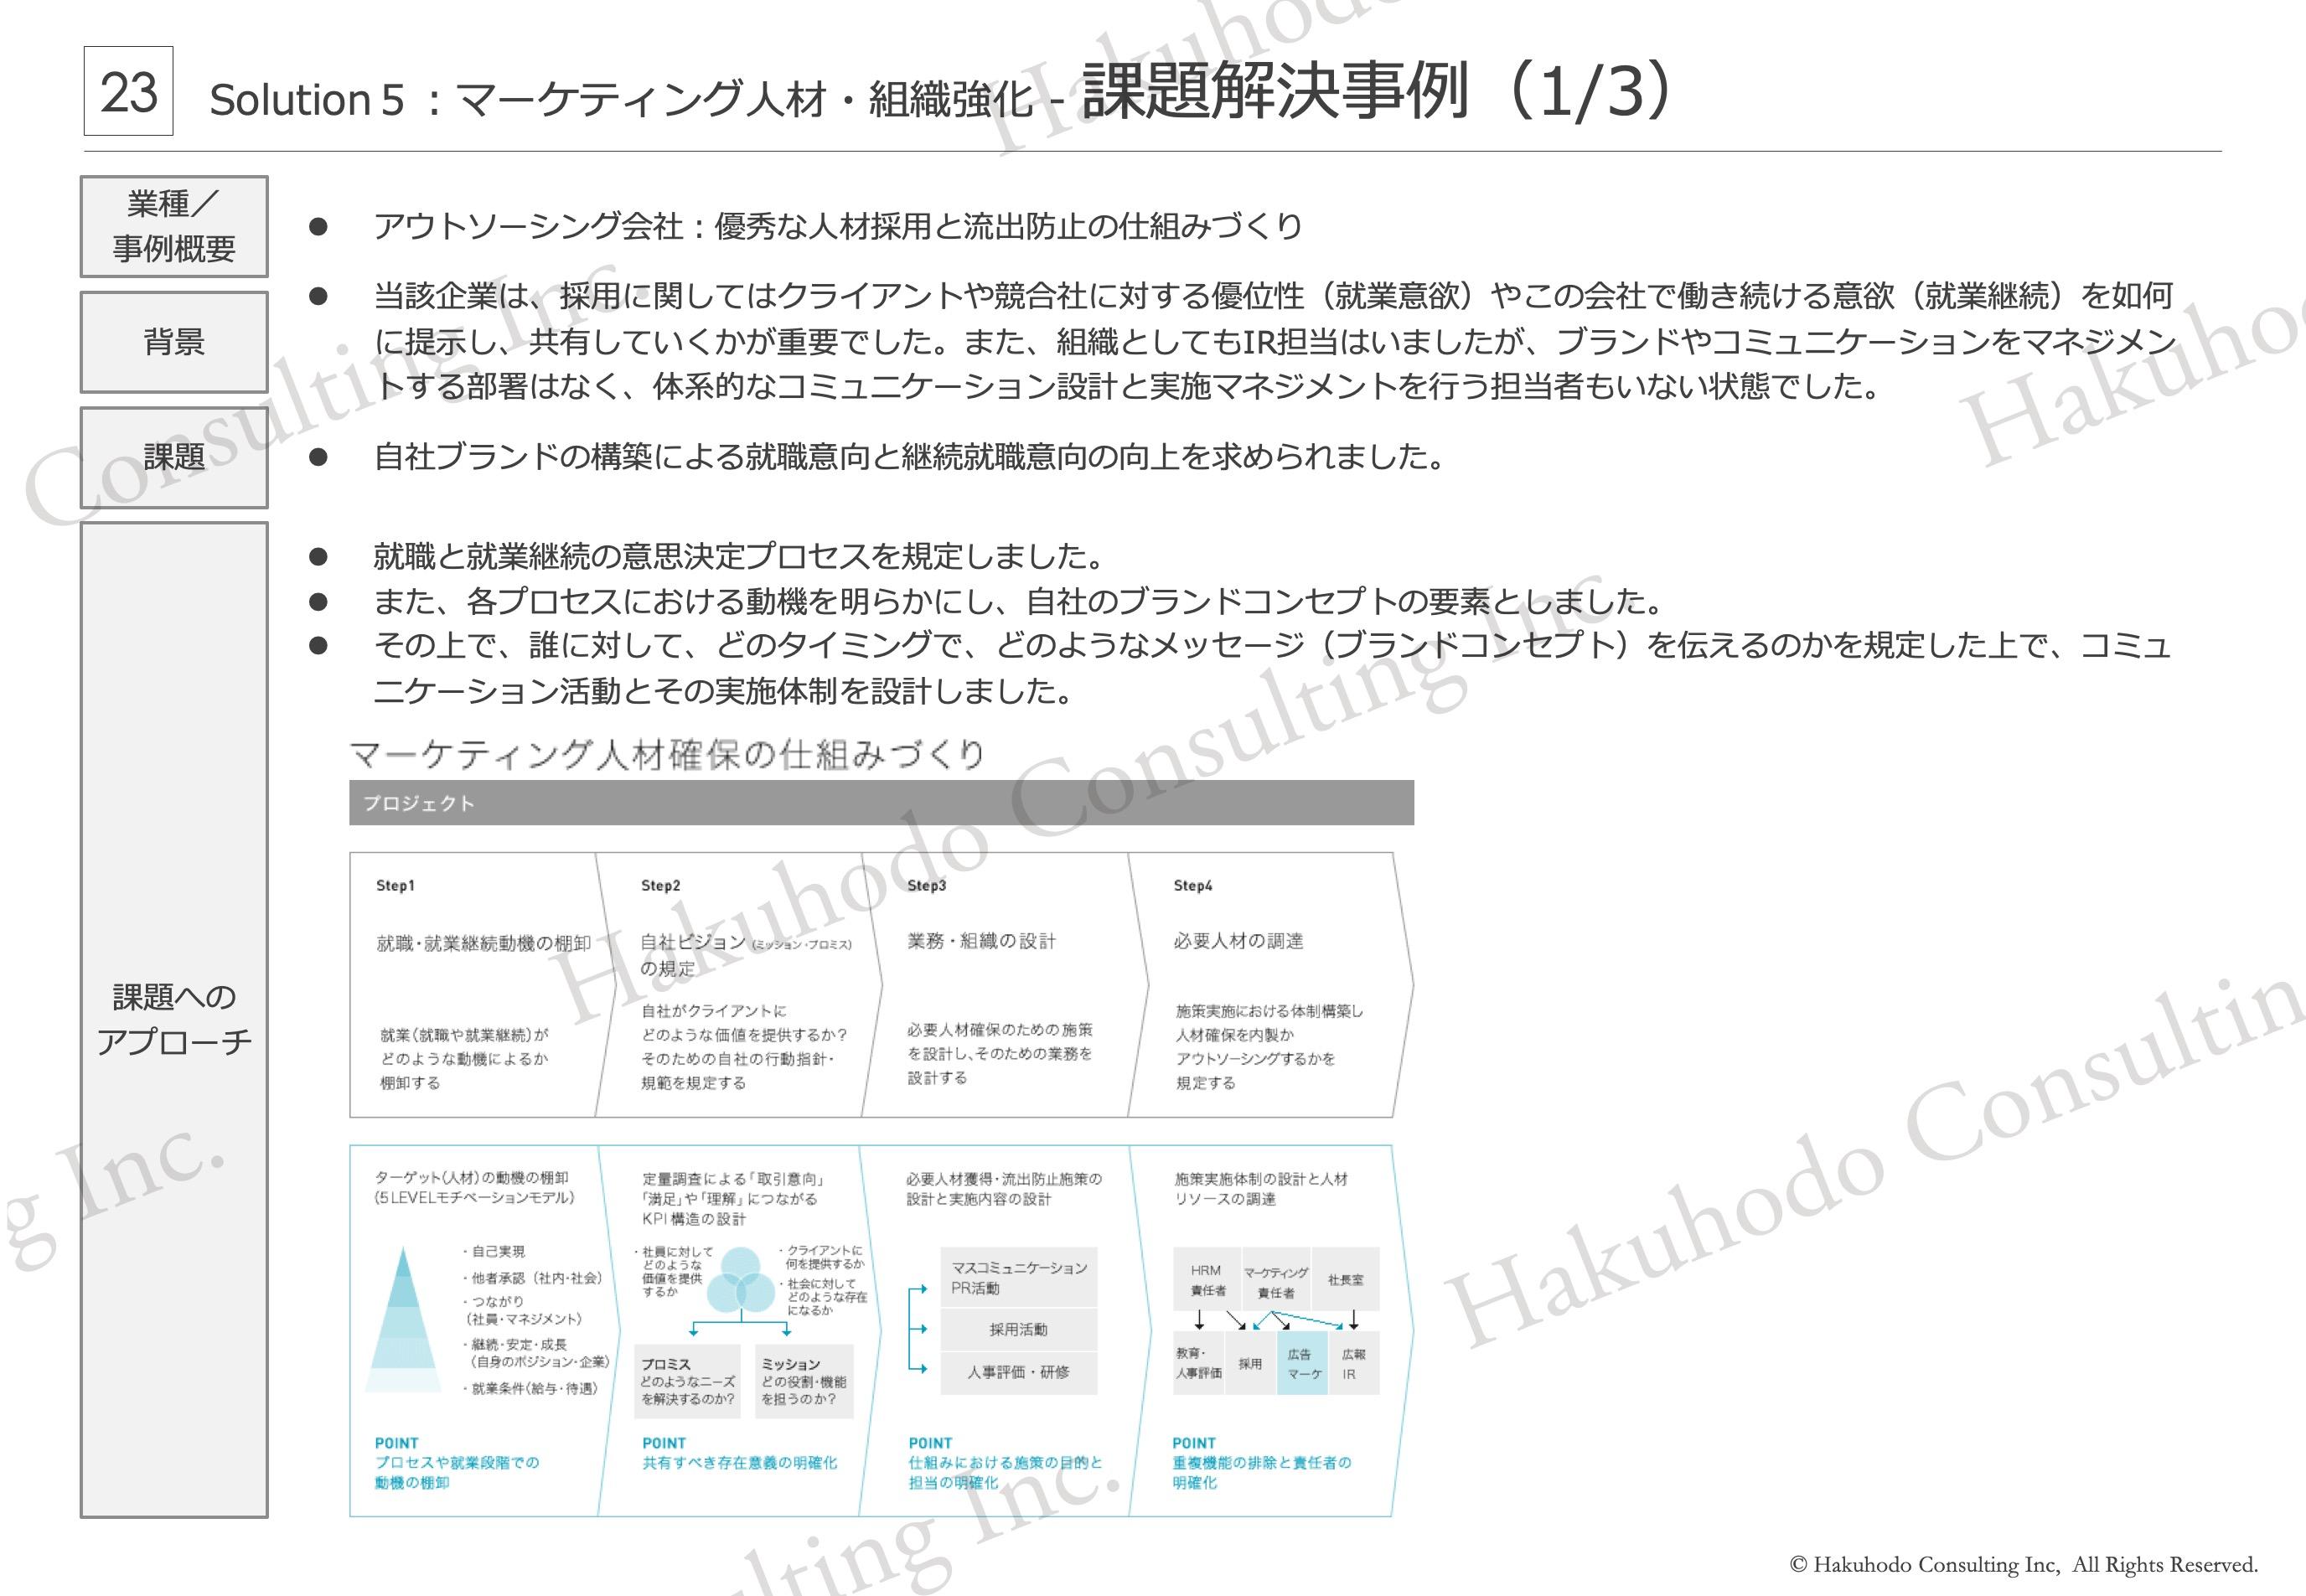 マーケティング人材・組織強化- 課題解決事例(1/3)